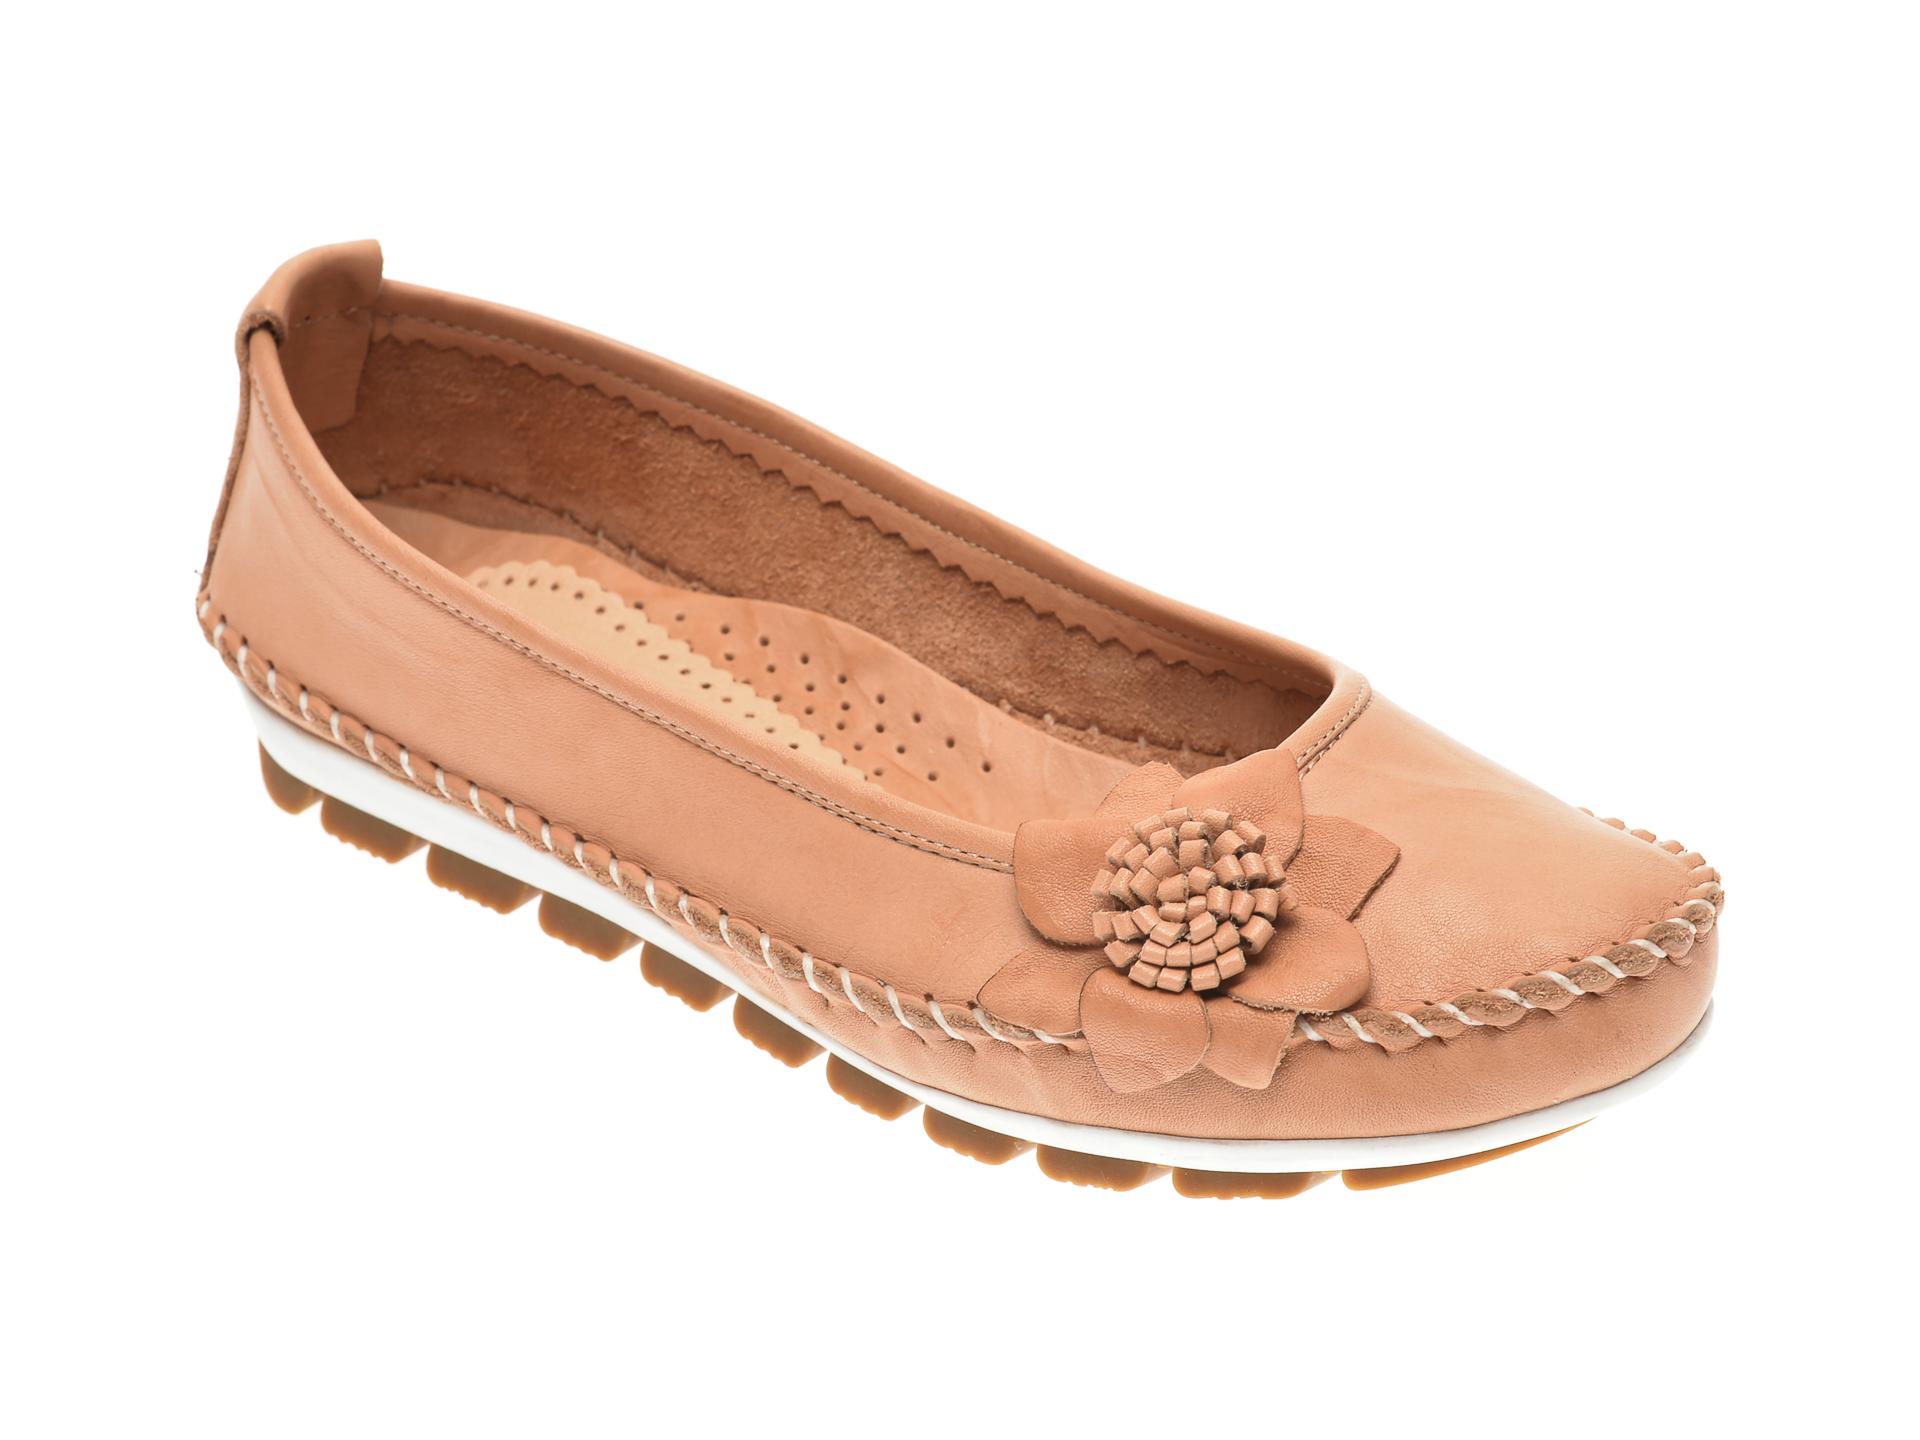 Pantofi MANLISA bej, 127, din piele naturala